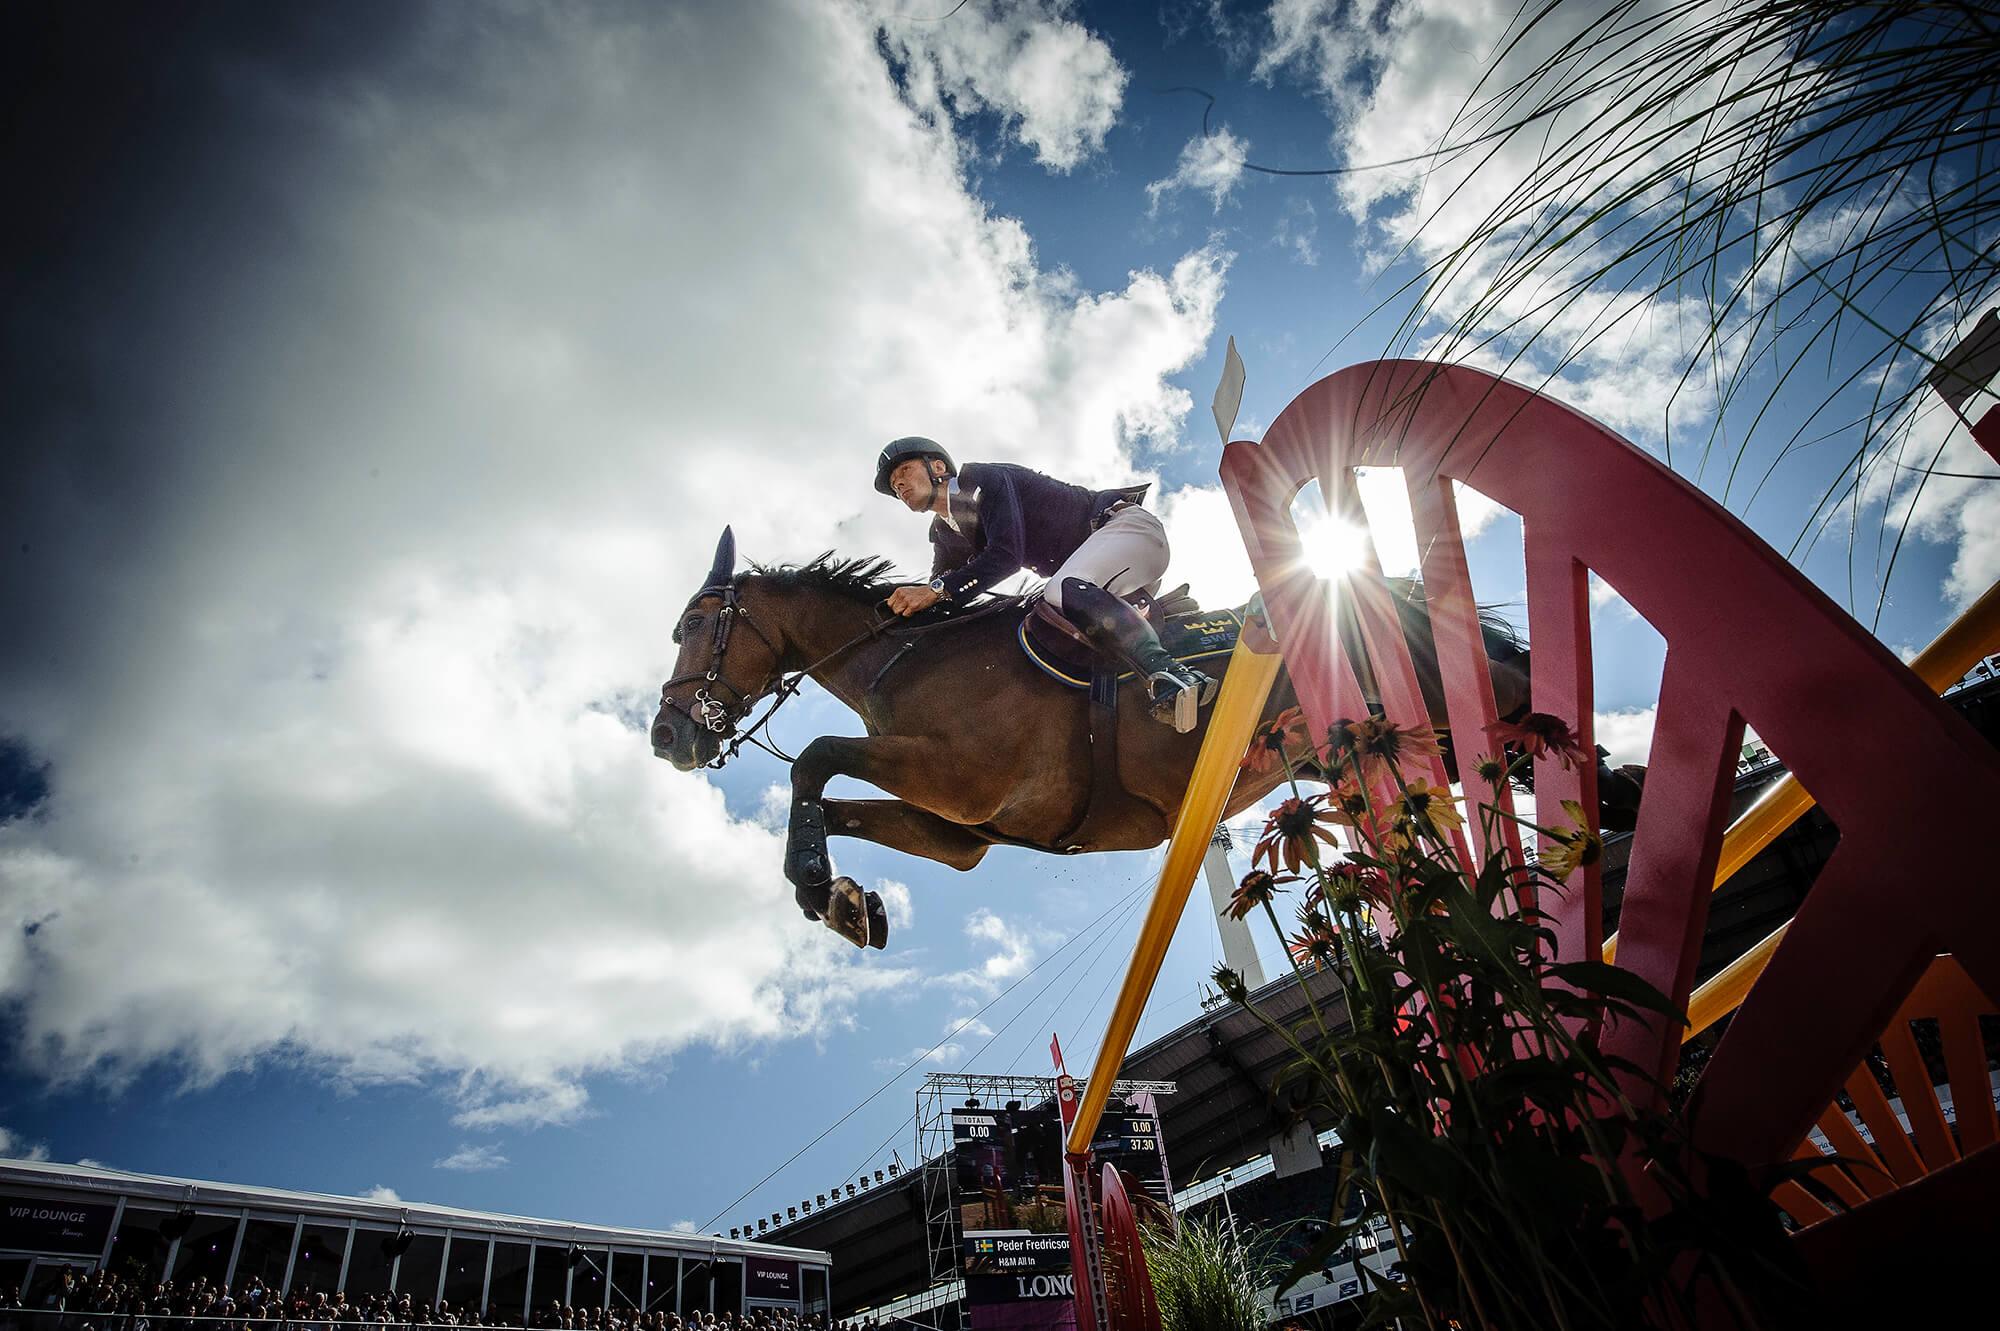 Ryttare och häst fotograferat underifrån vid ett hinder